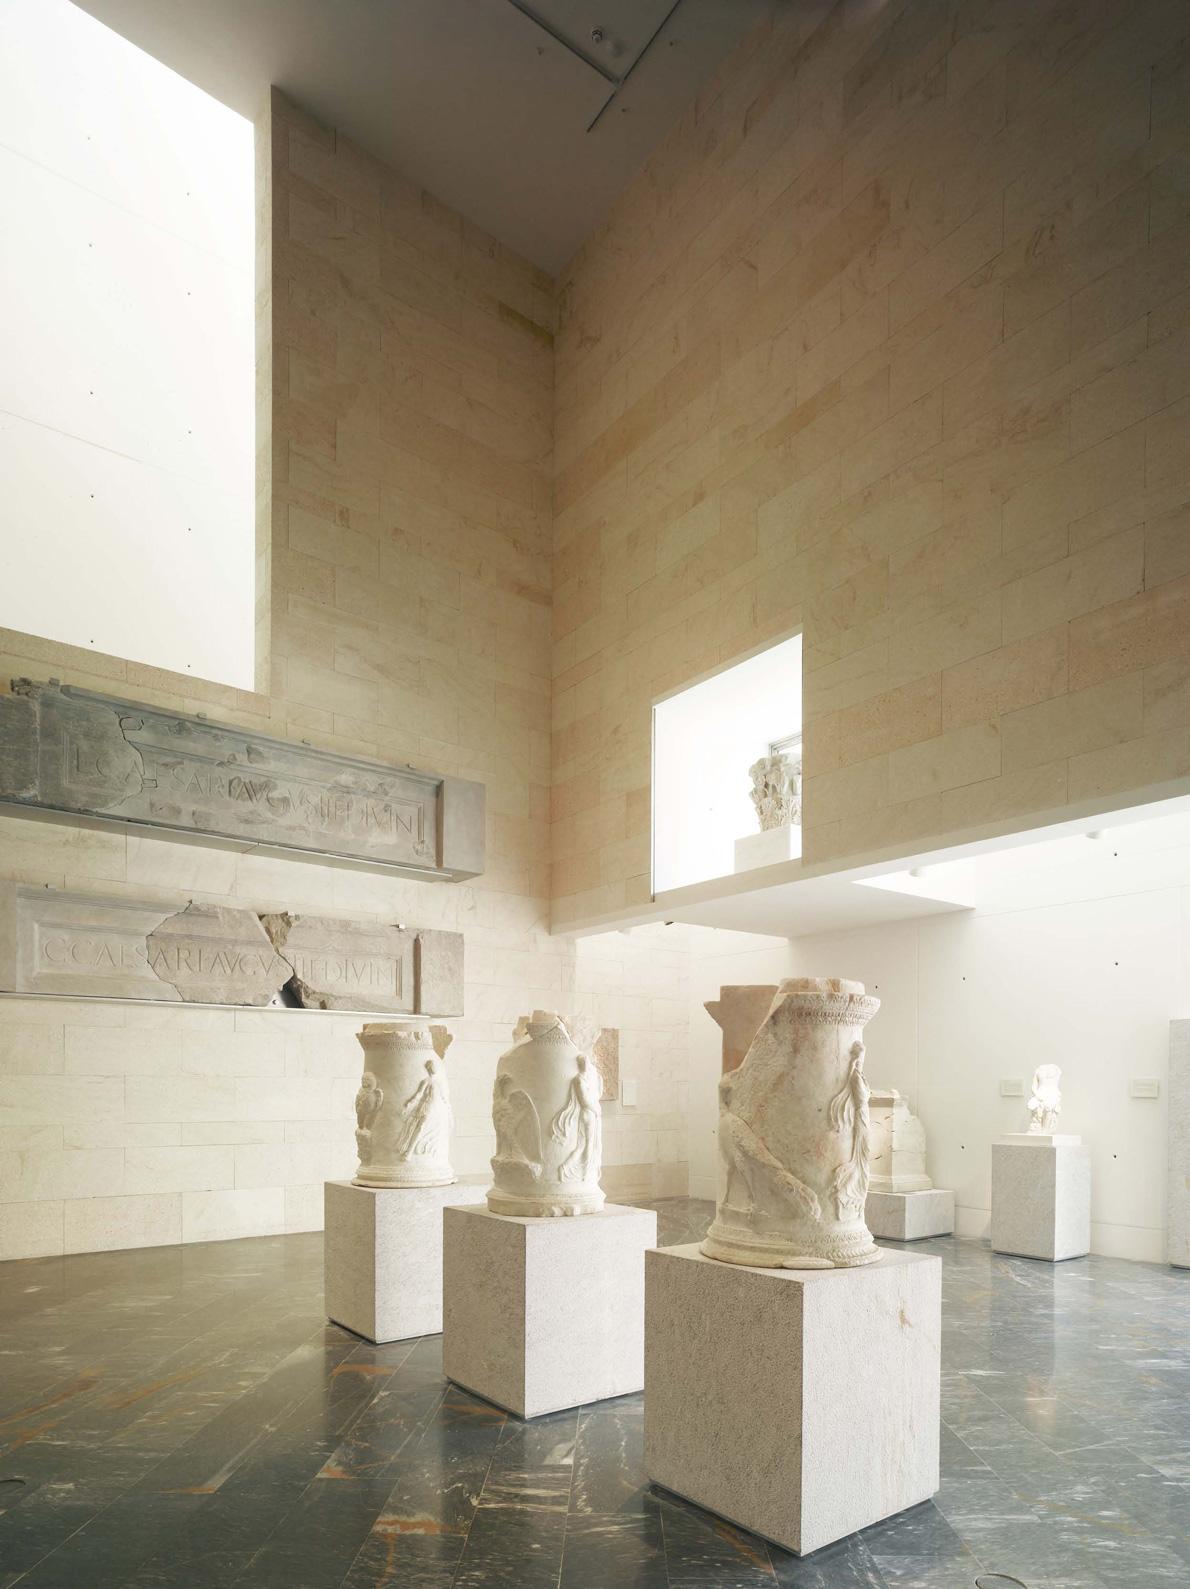 Museo_Teatro_romano_Cartagena_06.jpg